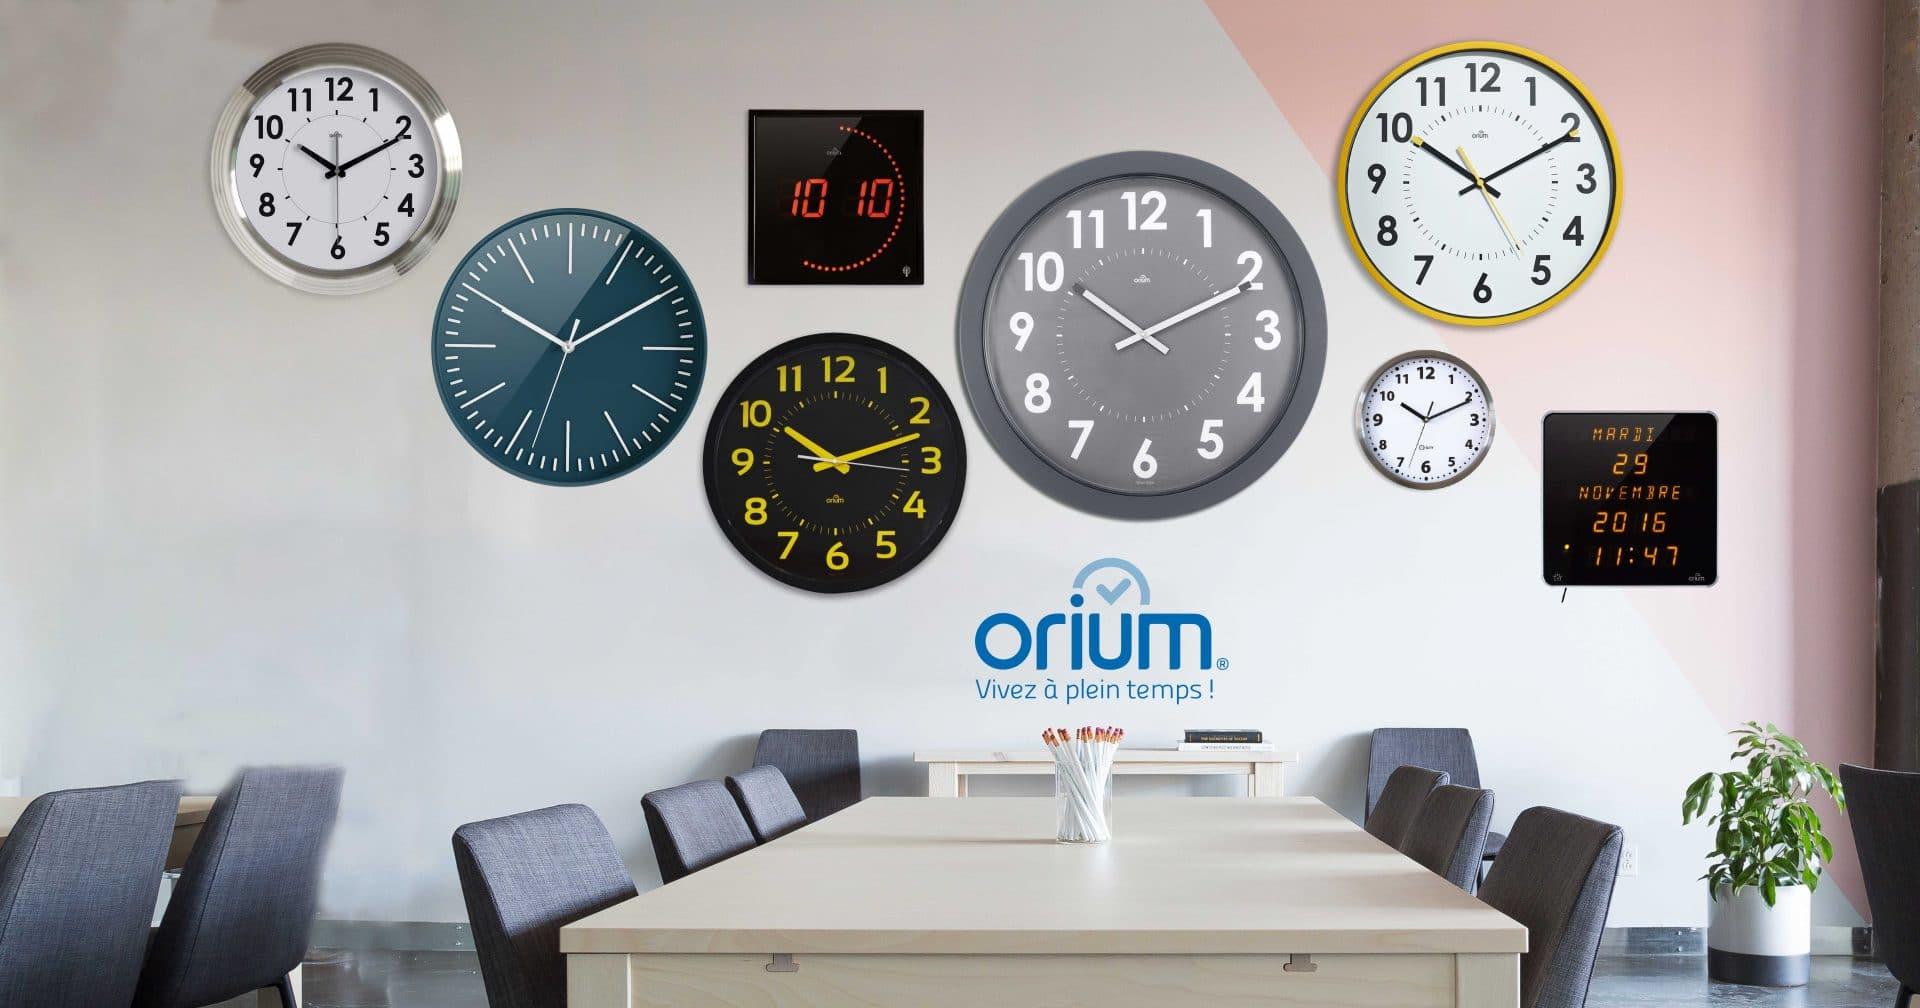 Horloges pour bureaux : la solution ORIUM® !